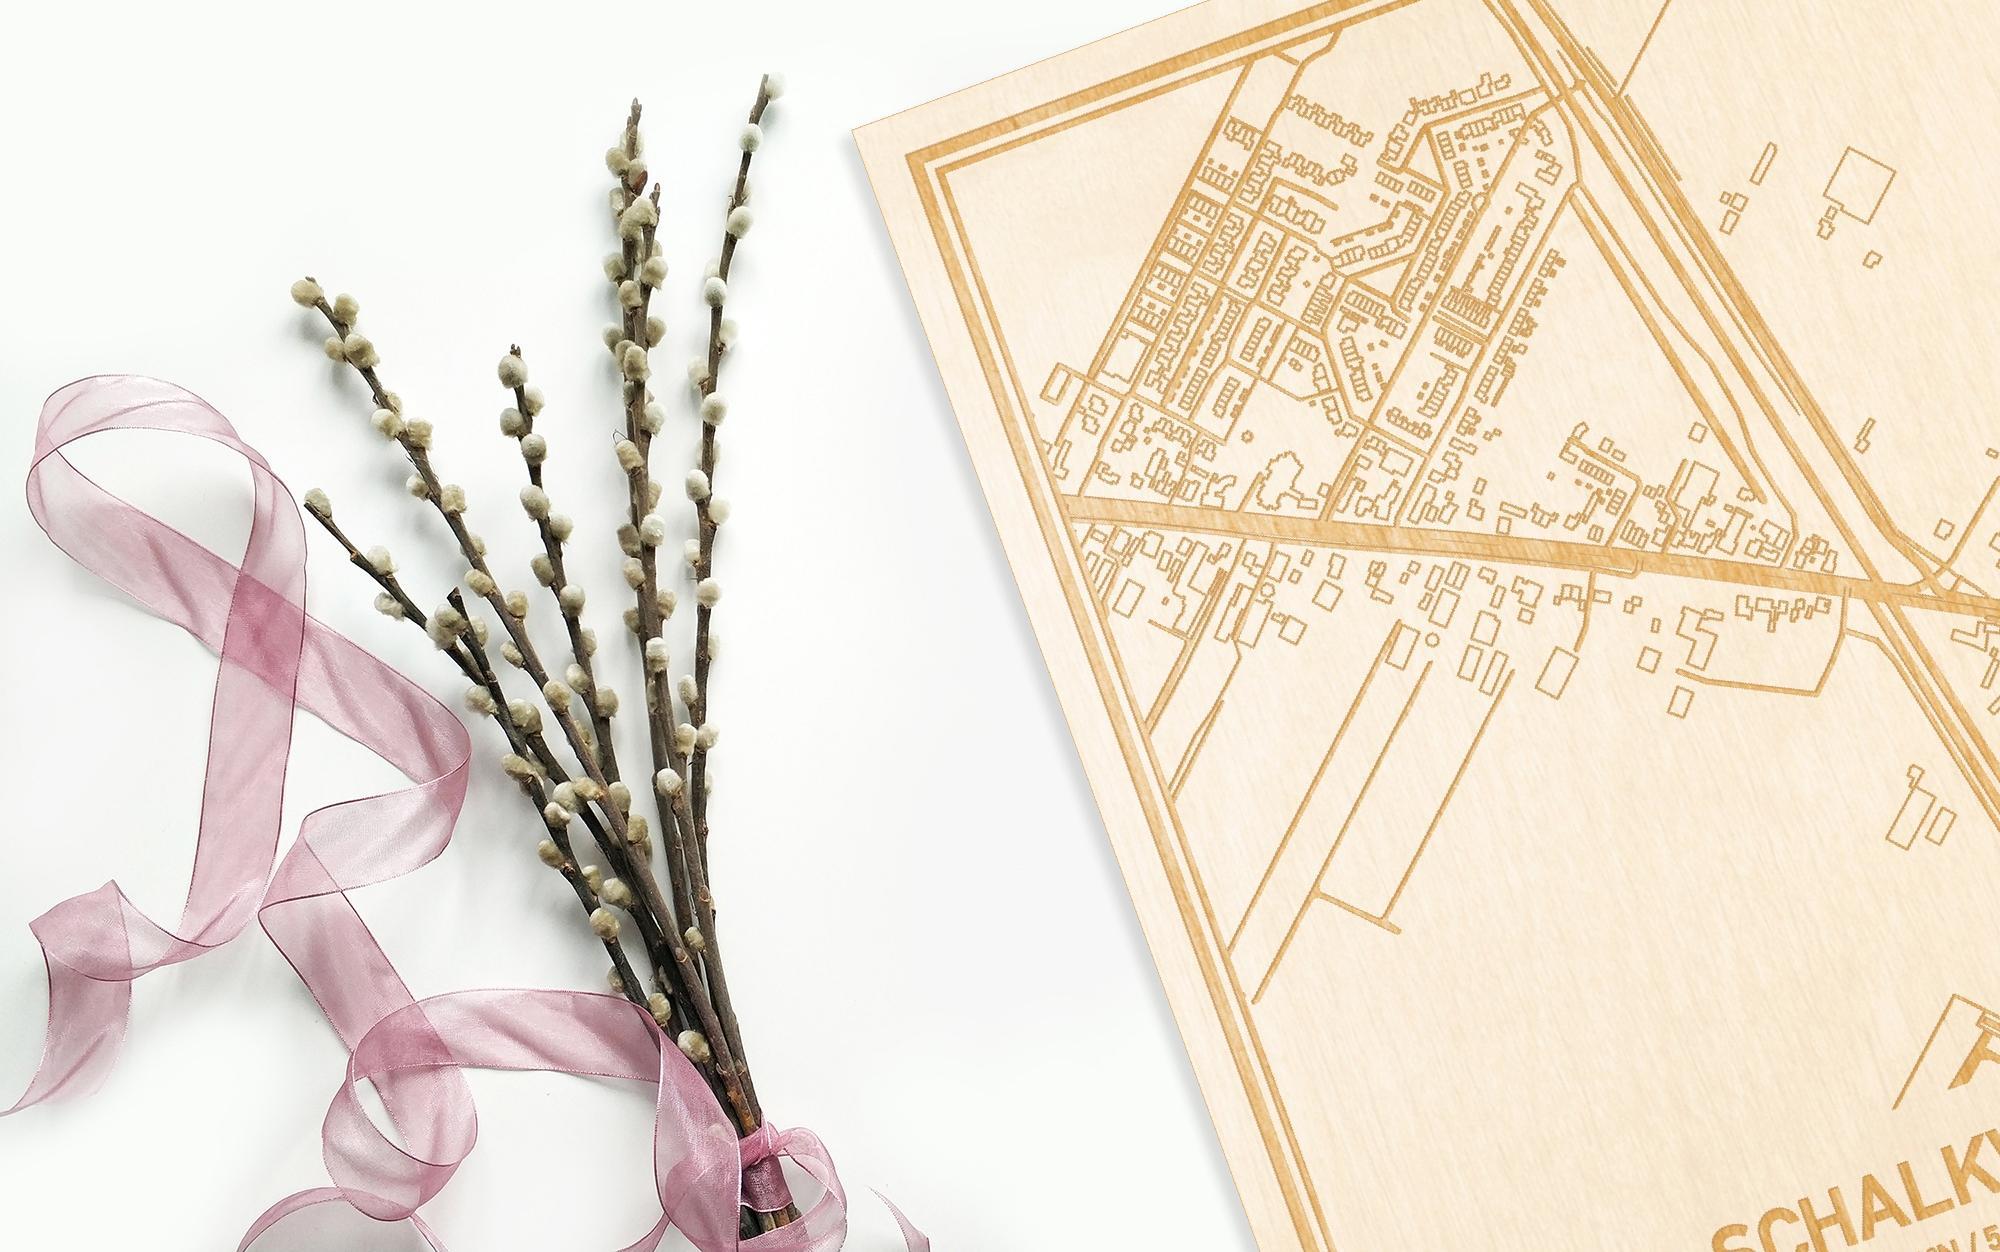 Hier ligt de houten plattegrond Schalkwijk naast een bloemetje als gepersonaliseerd cadeau voor haar.